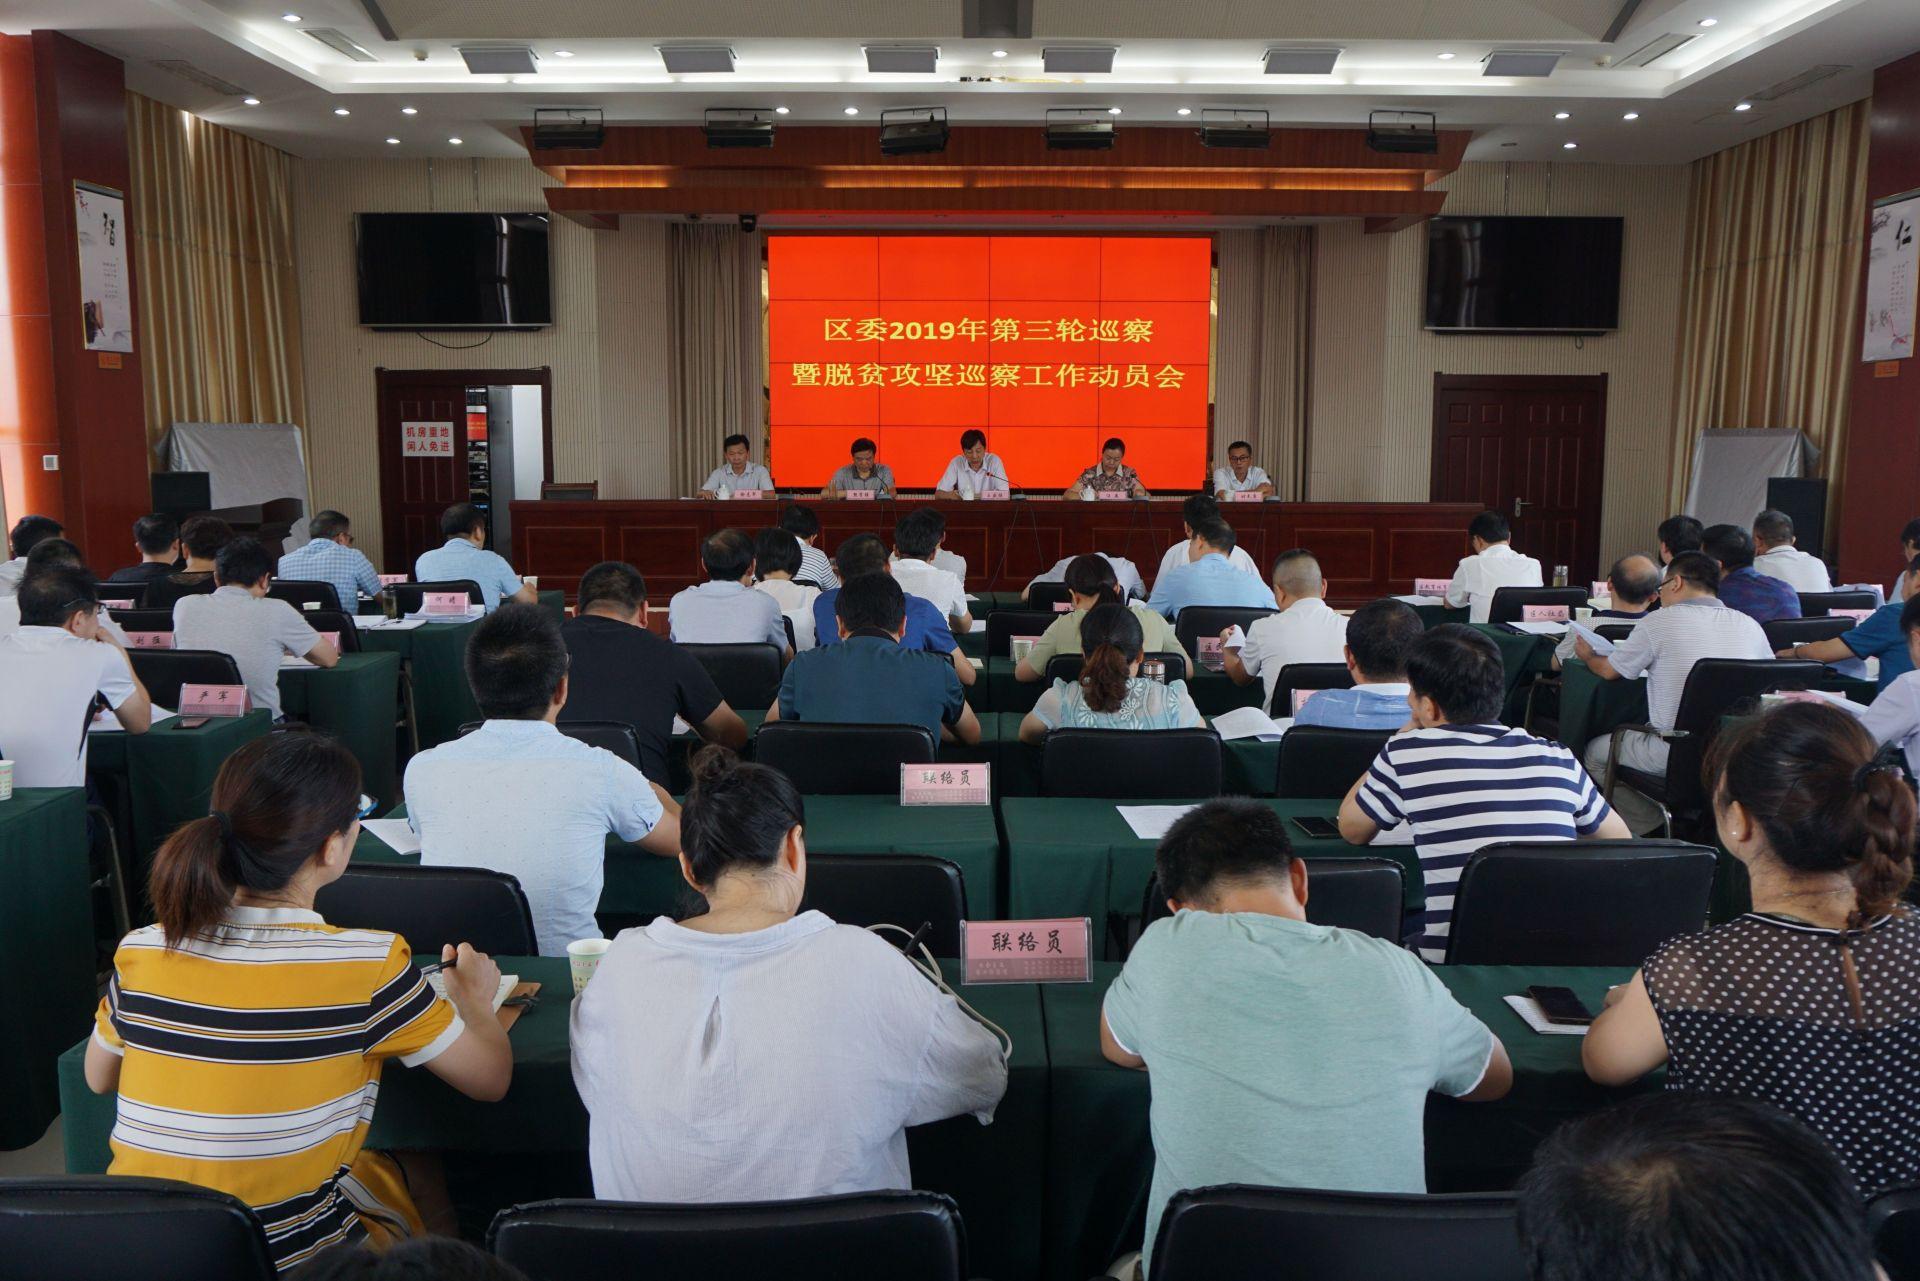 池州贵池:召开2019年第三轮巡察暨脱贫攻坚巡察工作动员会